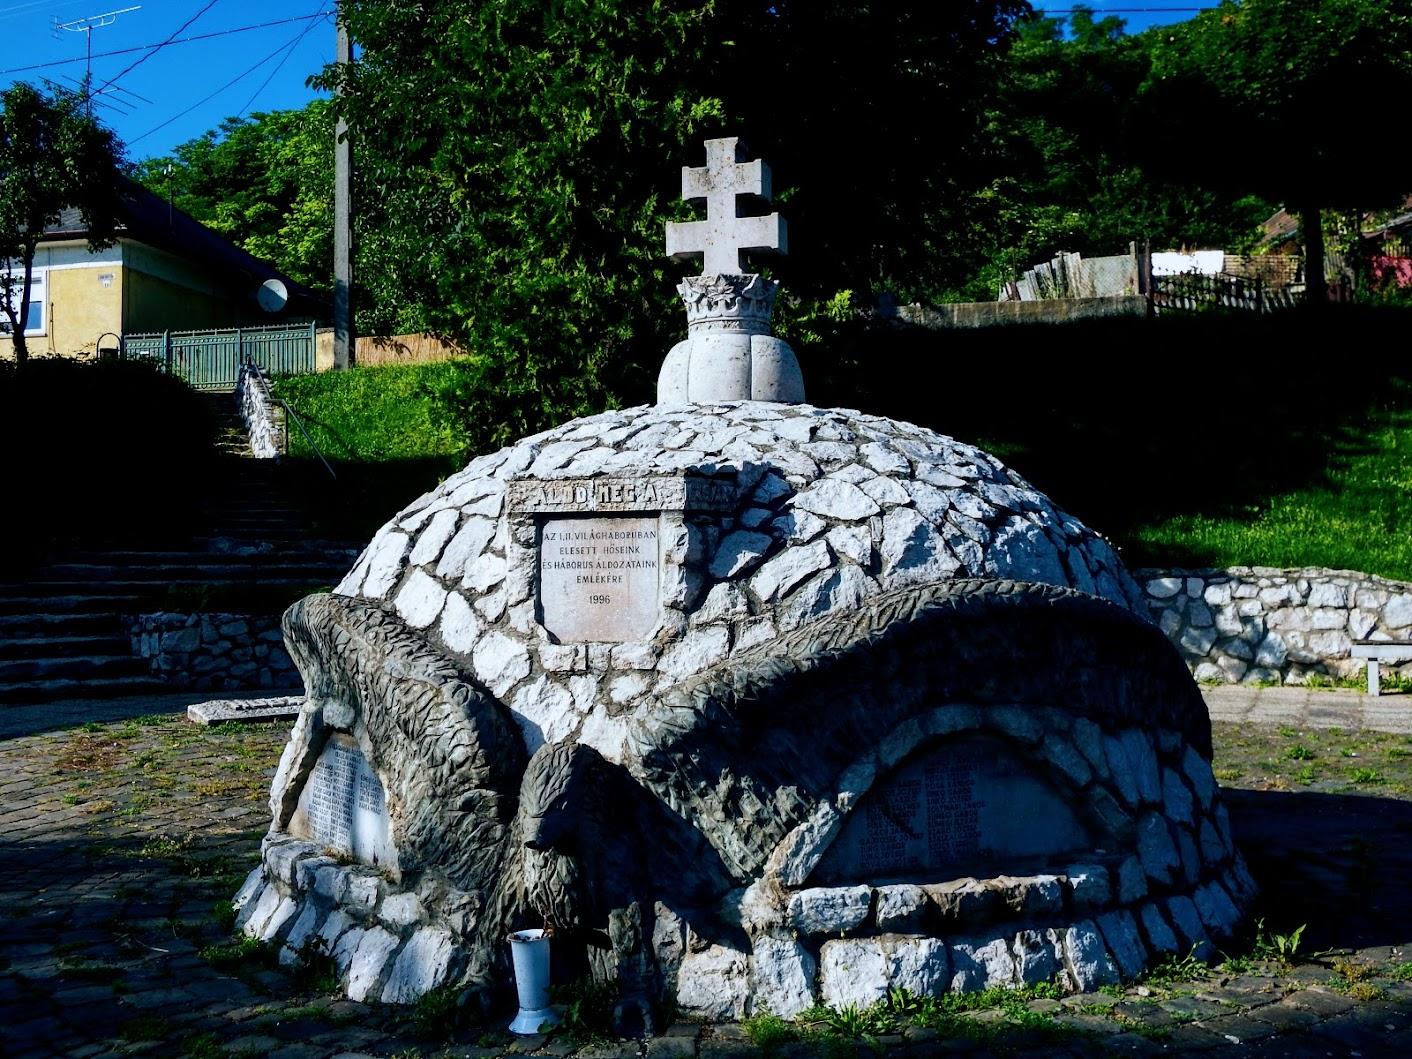 Bajót - I. és II. világháborús emlékmű